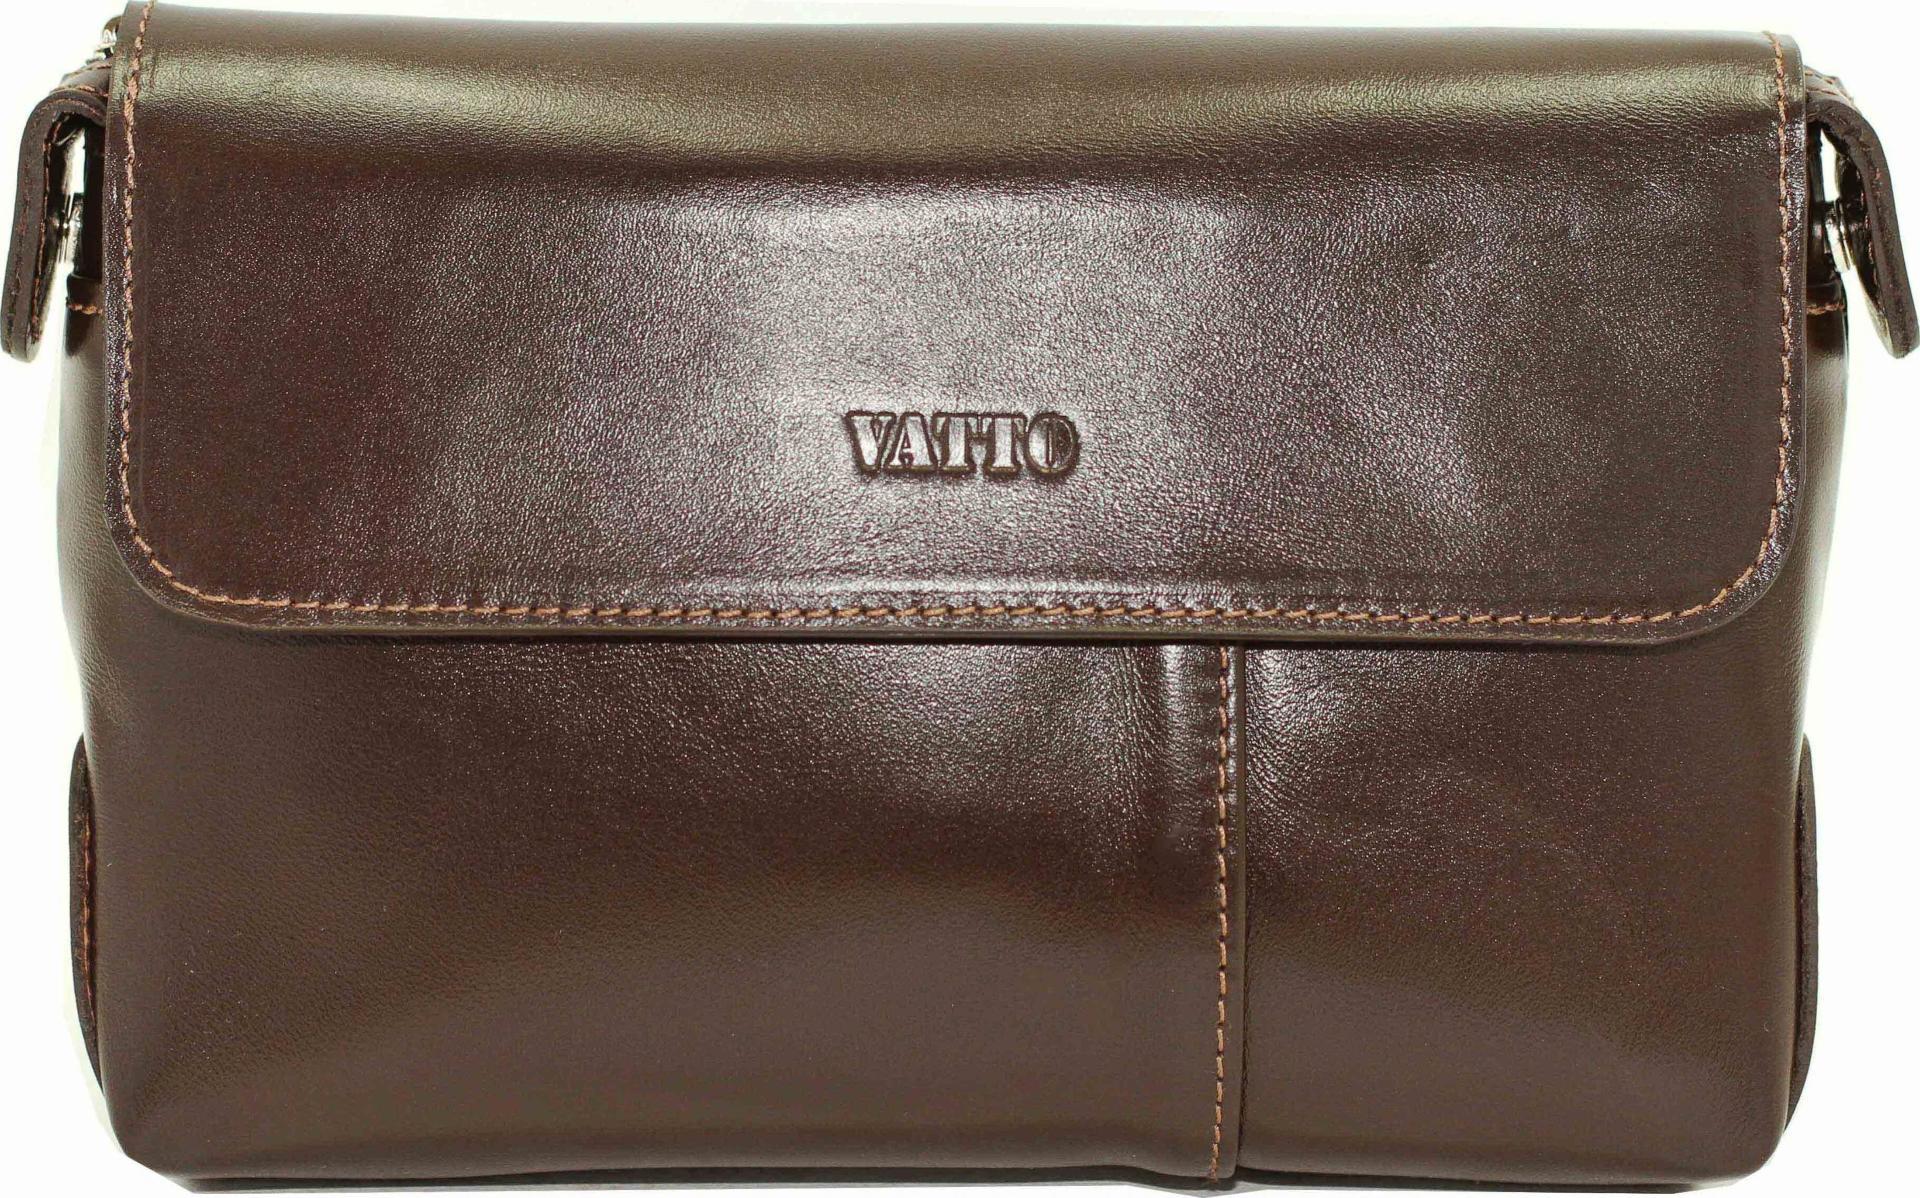 9179f8d612cc Мужской клатч коричневого цвета VATTO (11940) купить в Киеве, цена ...